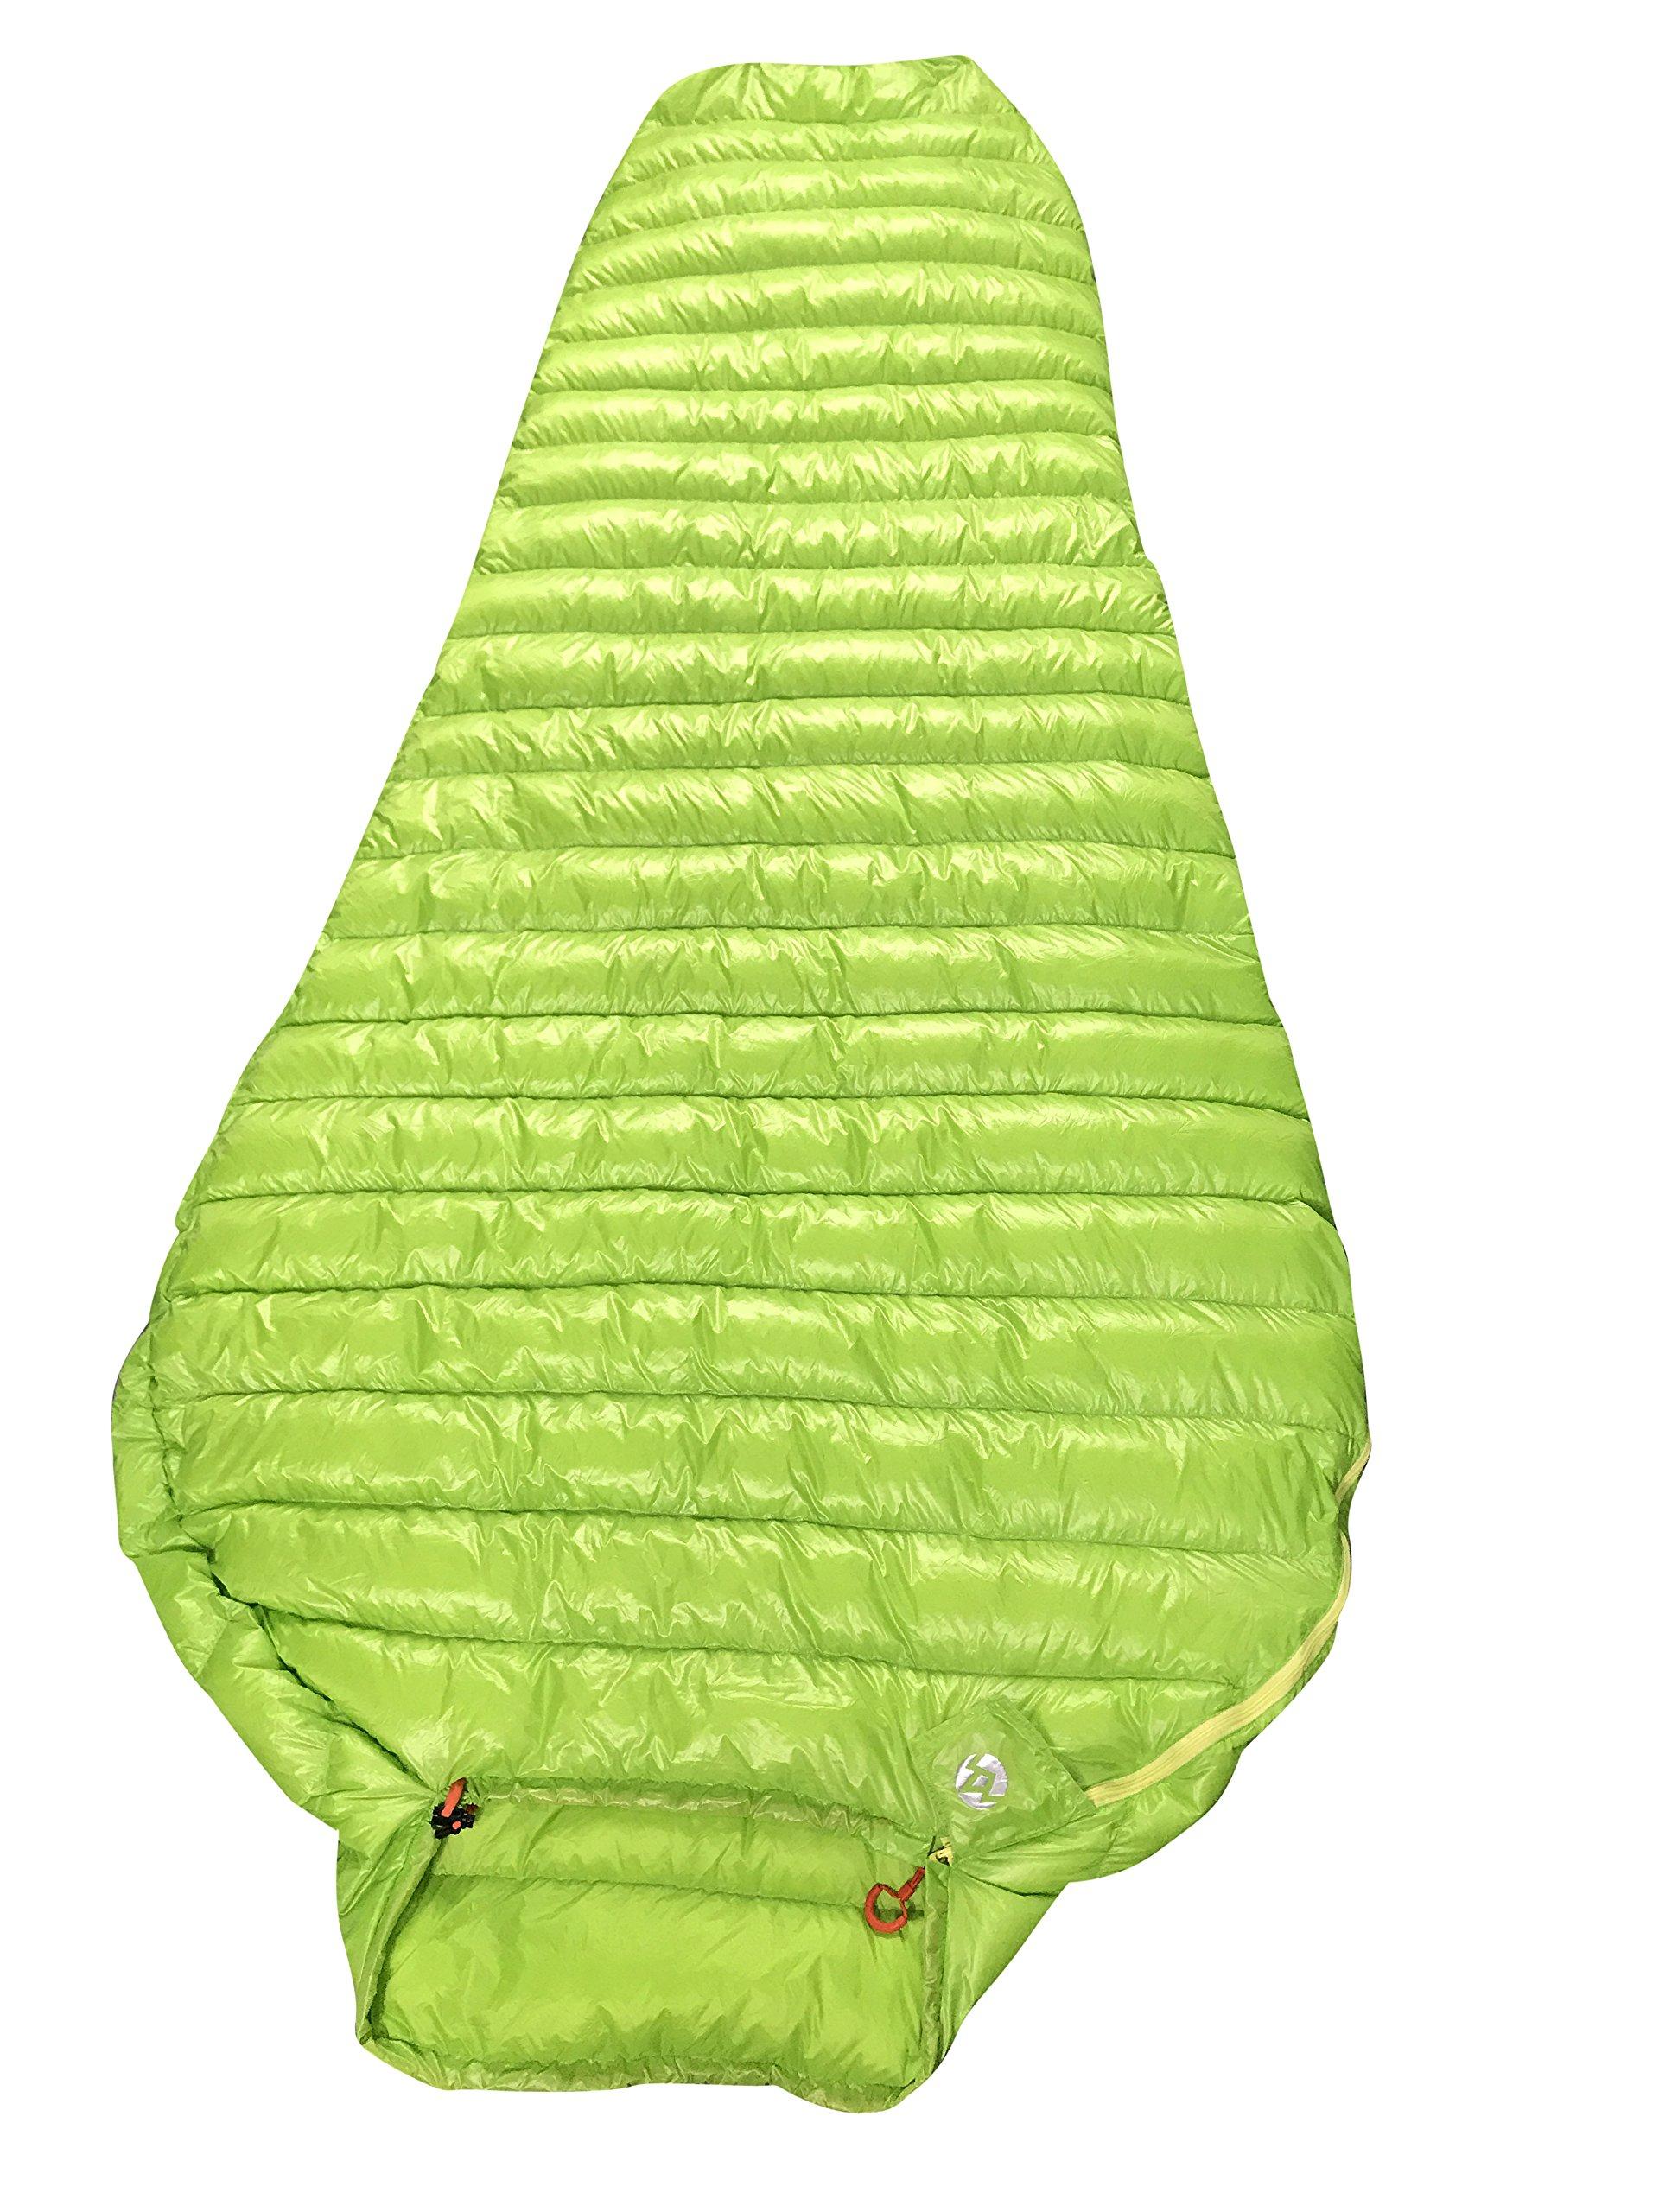 AEGISMAX Outdoor Urltra-Light Goose Down Sleeping Bag Three-Season Down Sleeping Bag Mummy Down Sleeping Bag Green 3